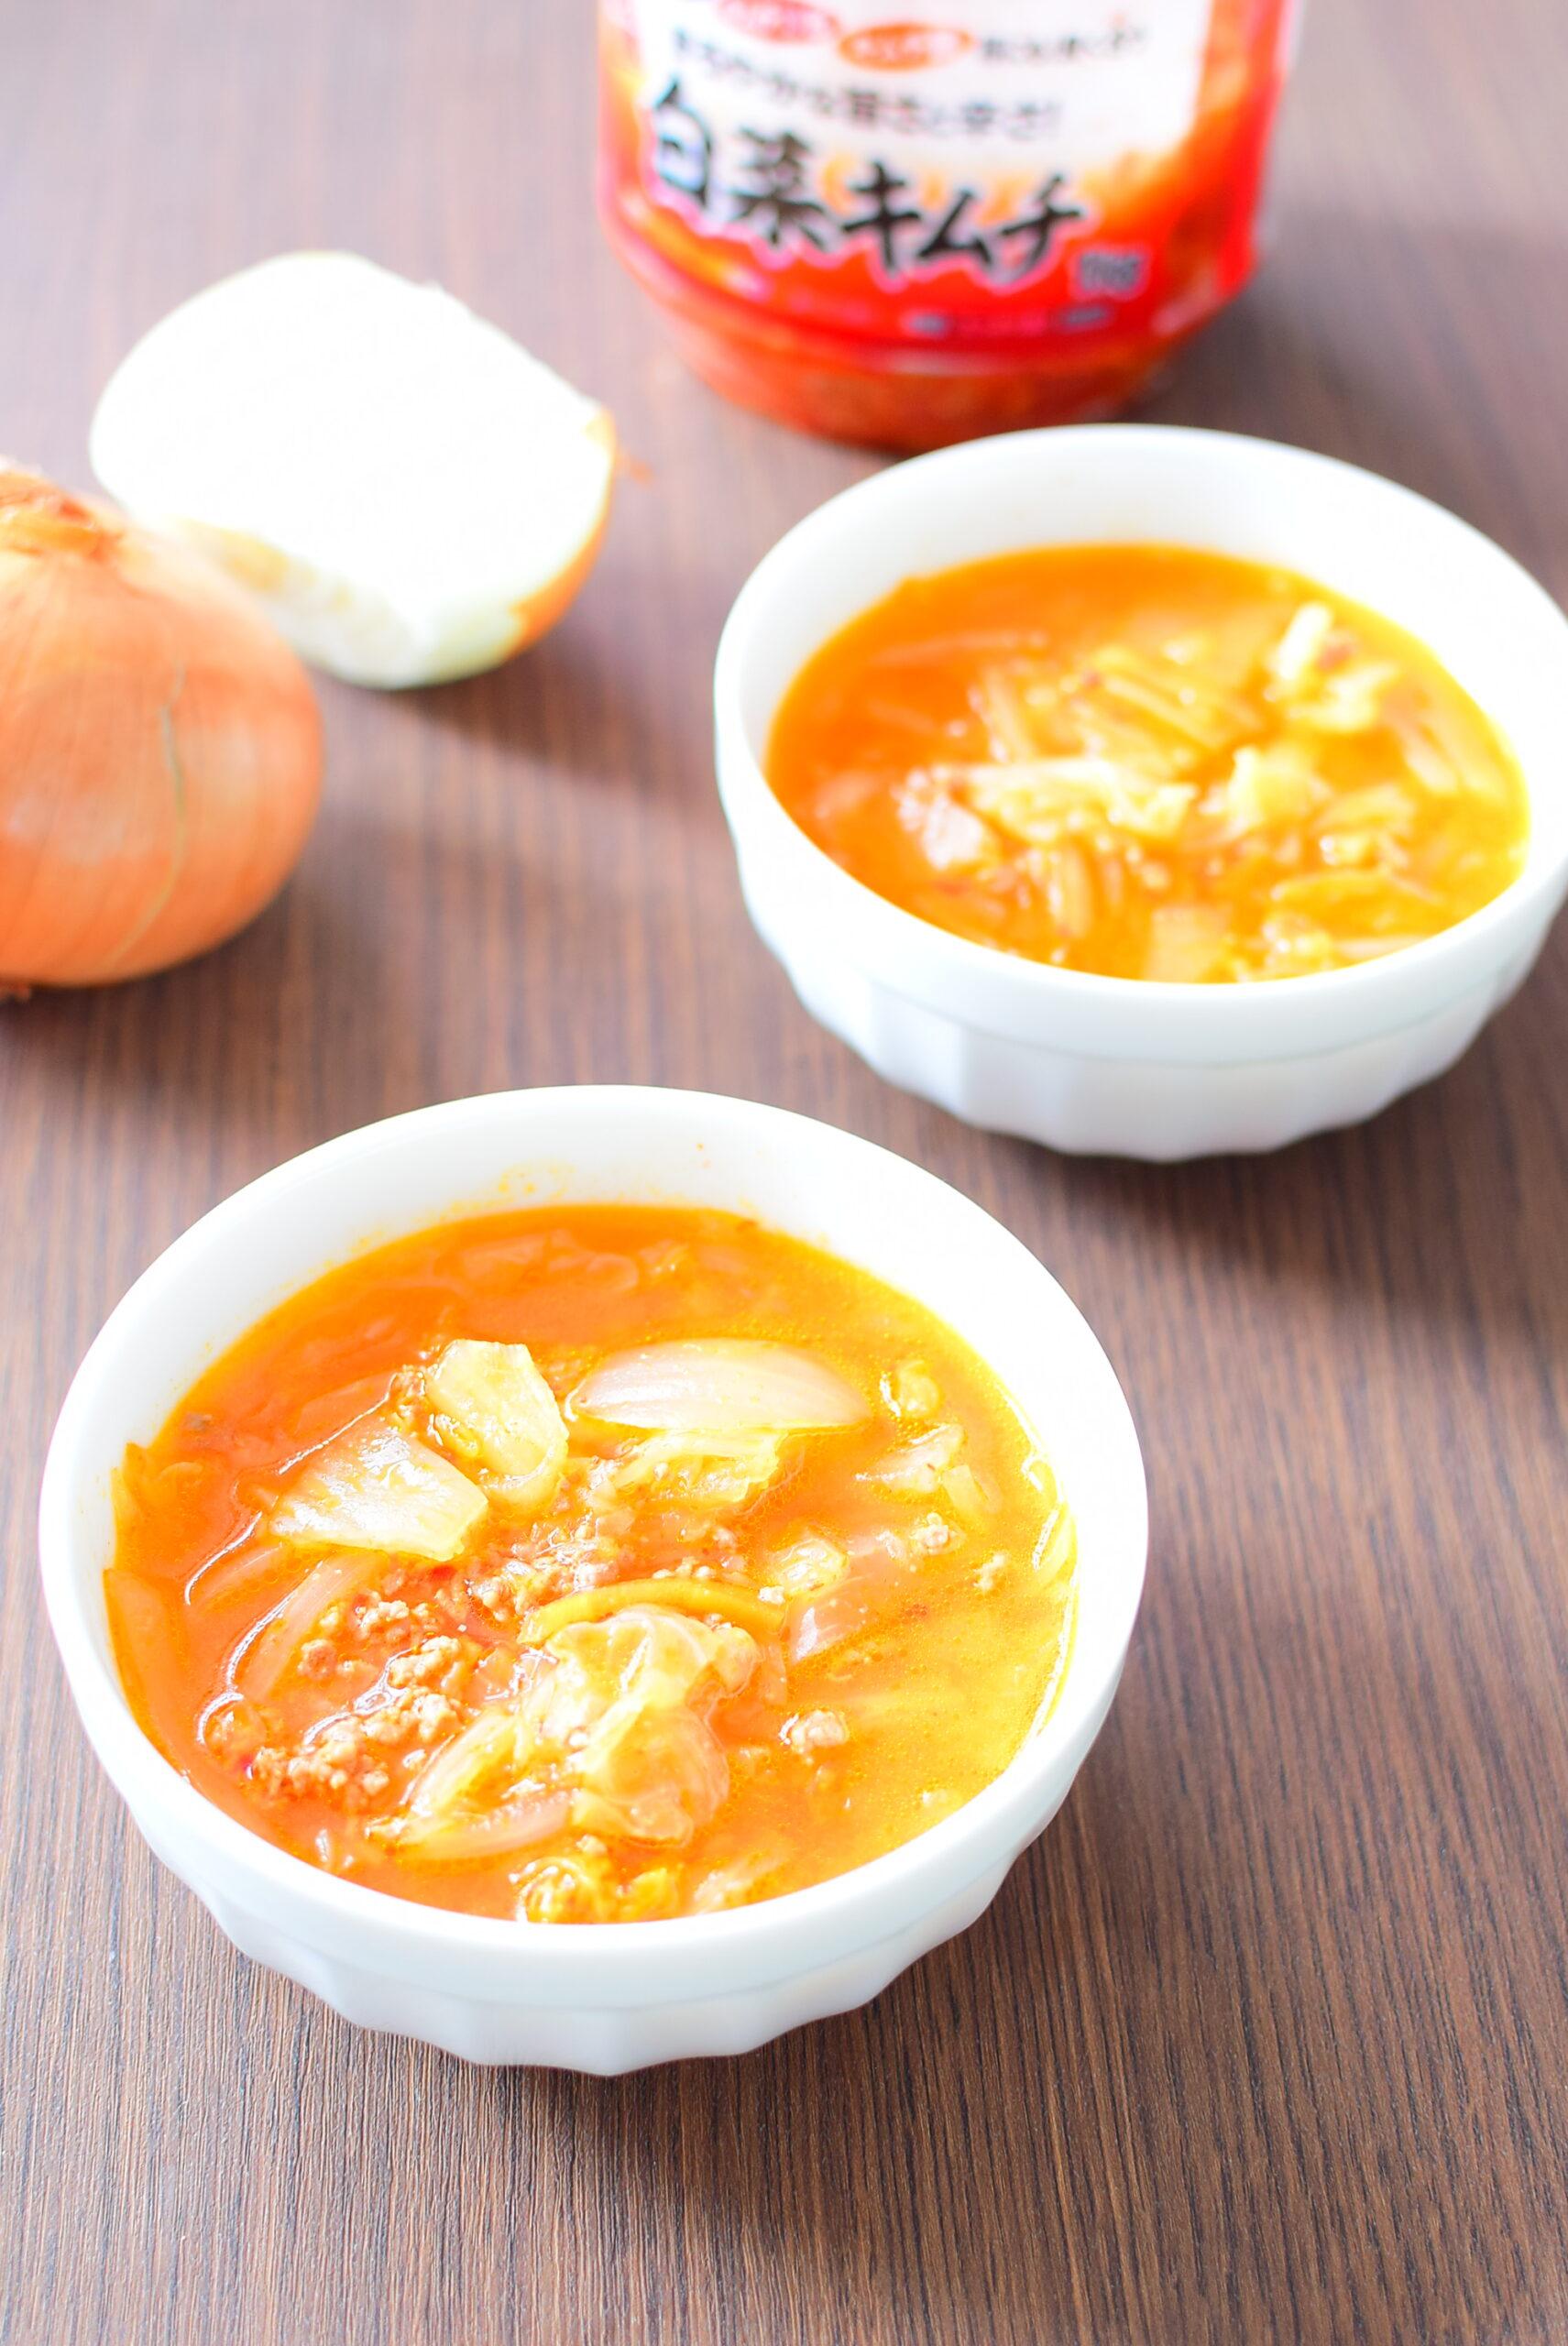 具だくさん!豚ひき肉入りキムチ味噌スープのレシピの写真